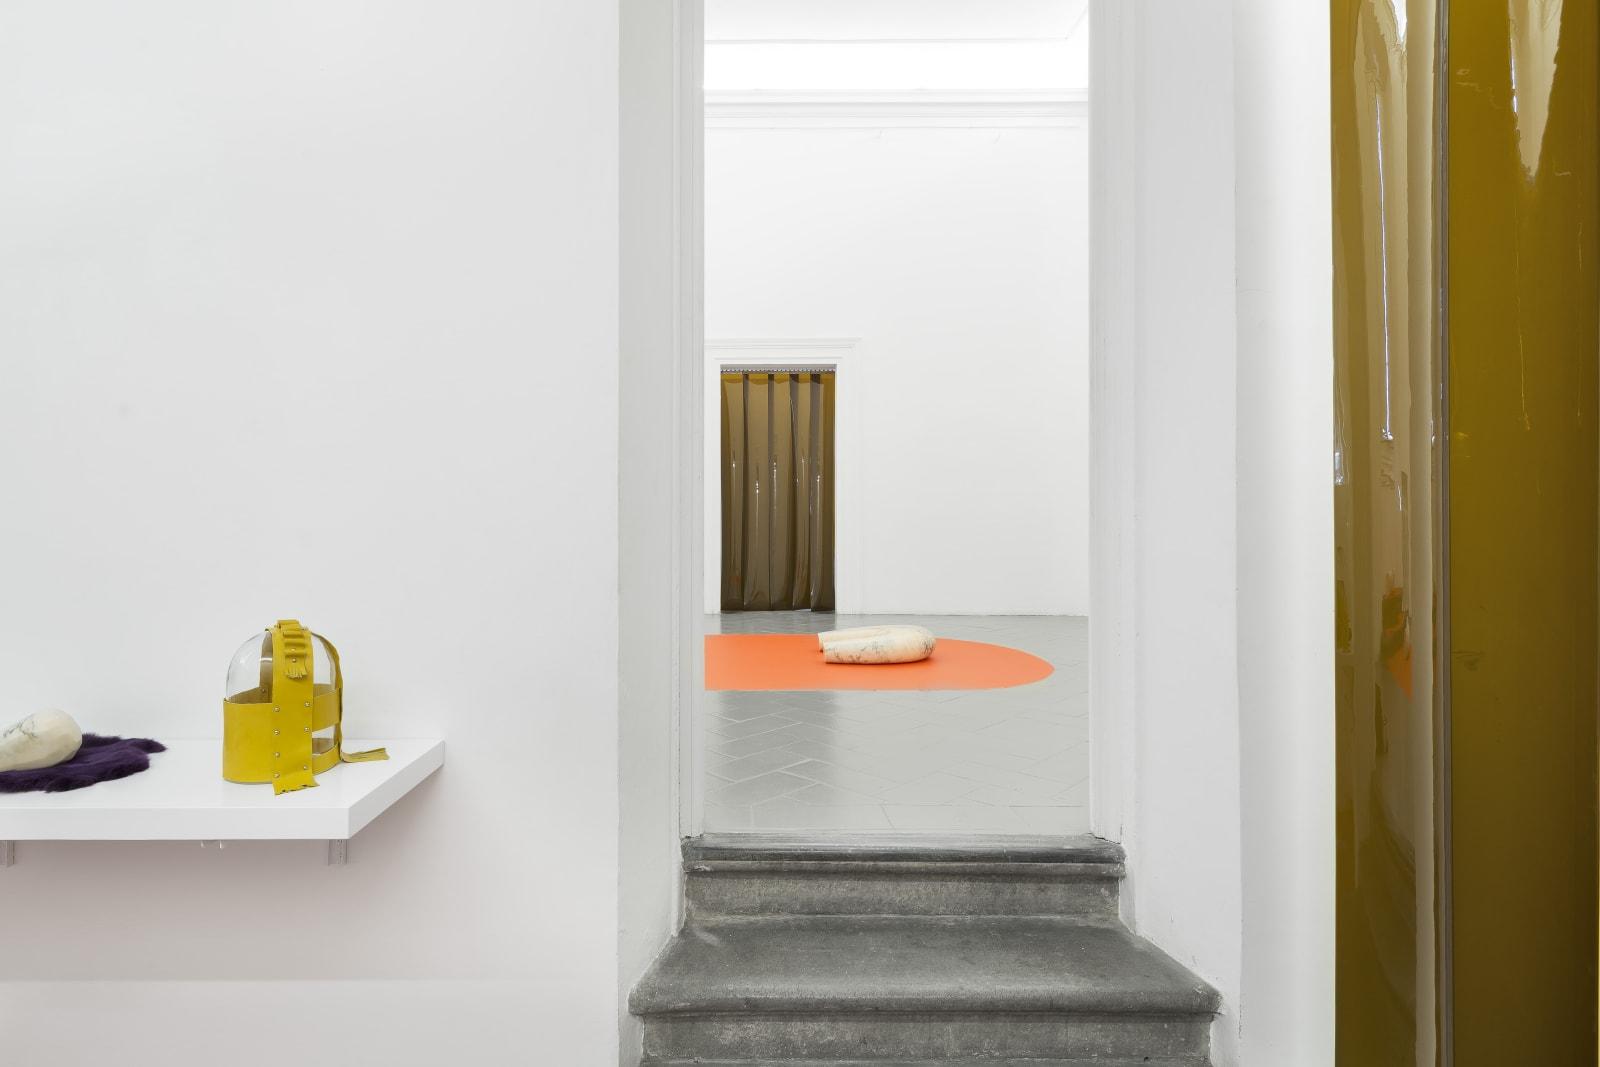 Lea Guldditte Hestelund, Installation View, 2018